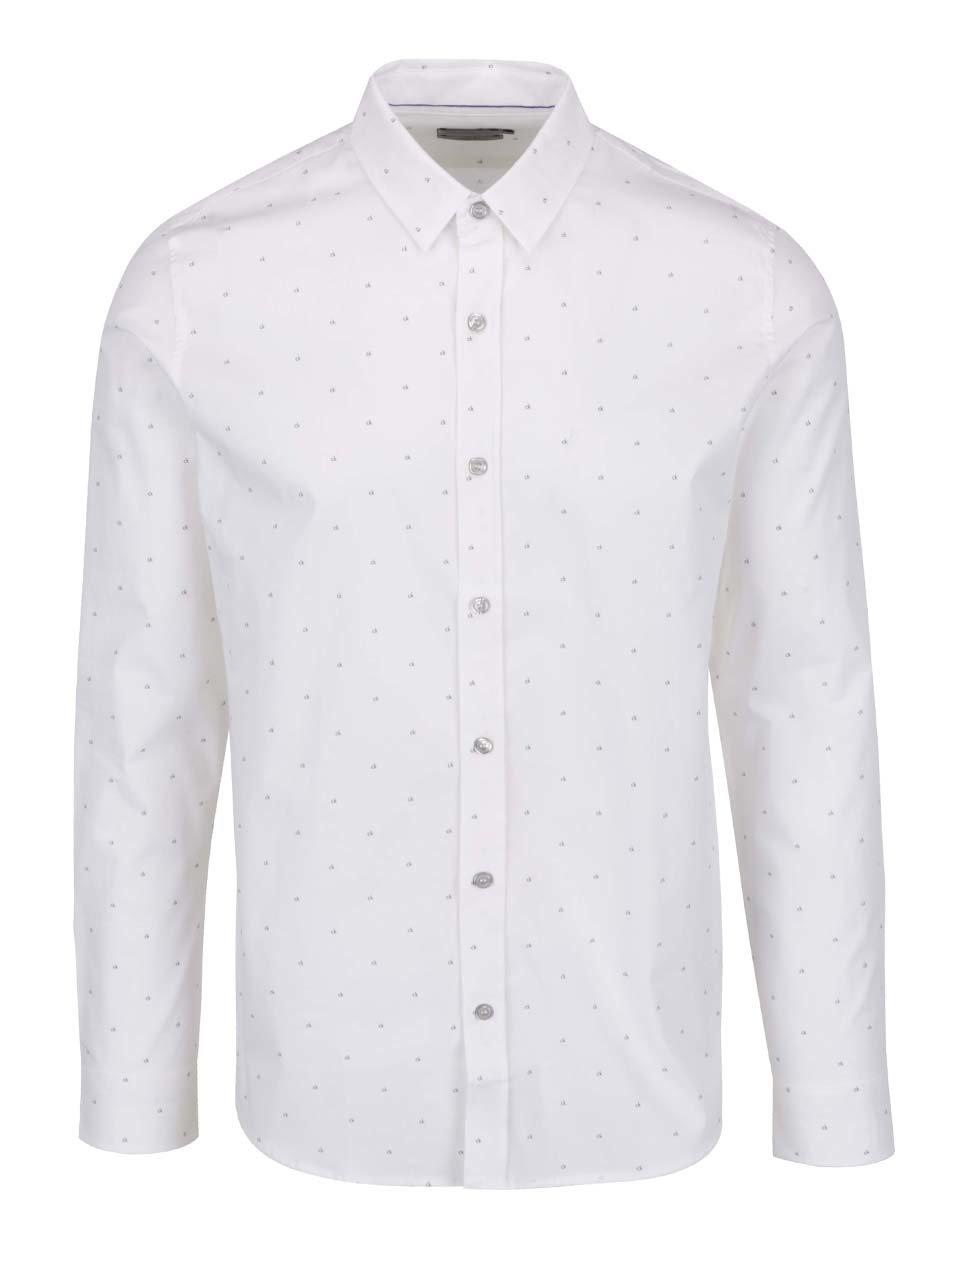 57d3484613 Biela pánska vzorovaná košeľa Calvin Klein Jeans ...